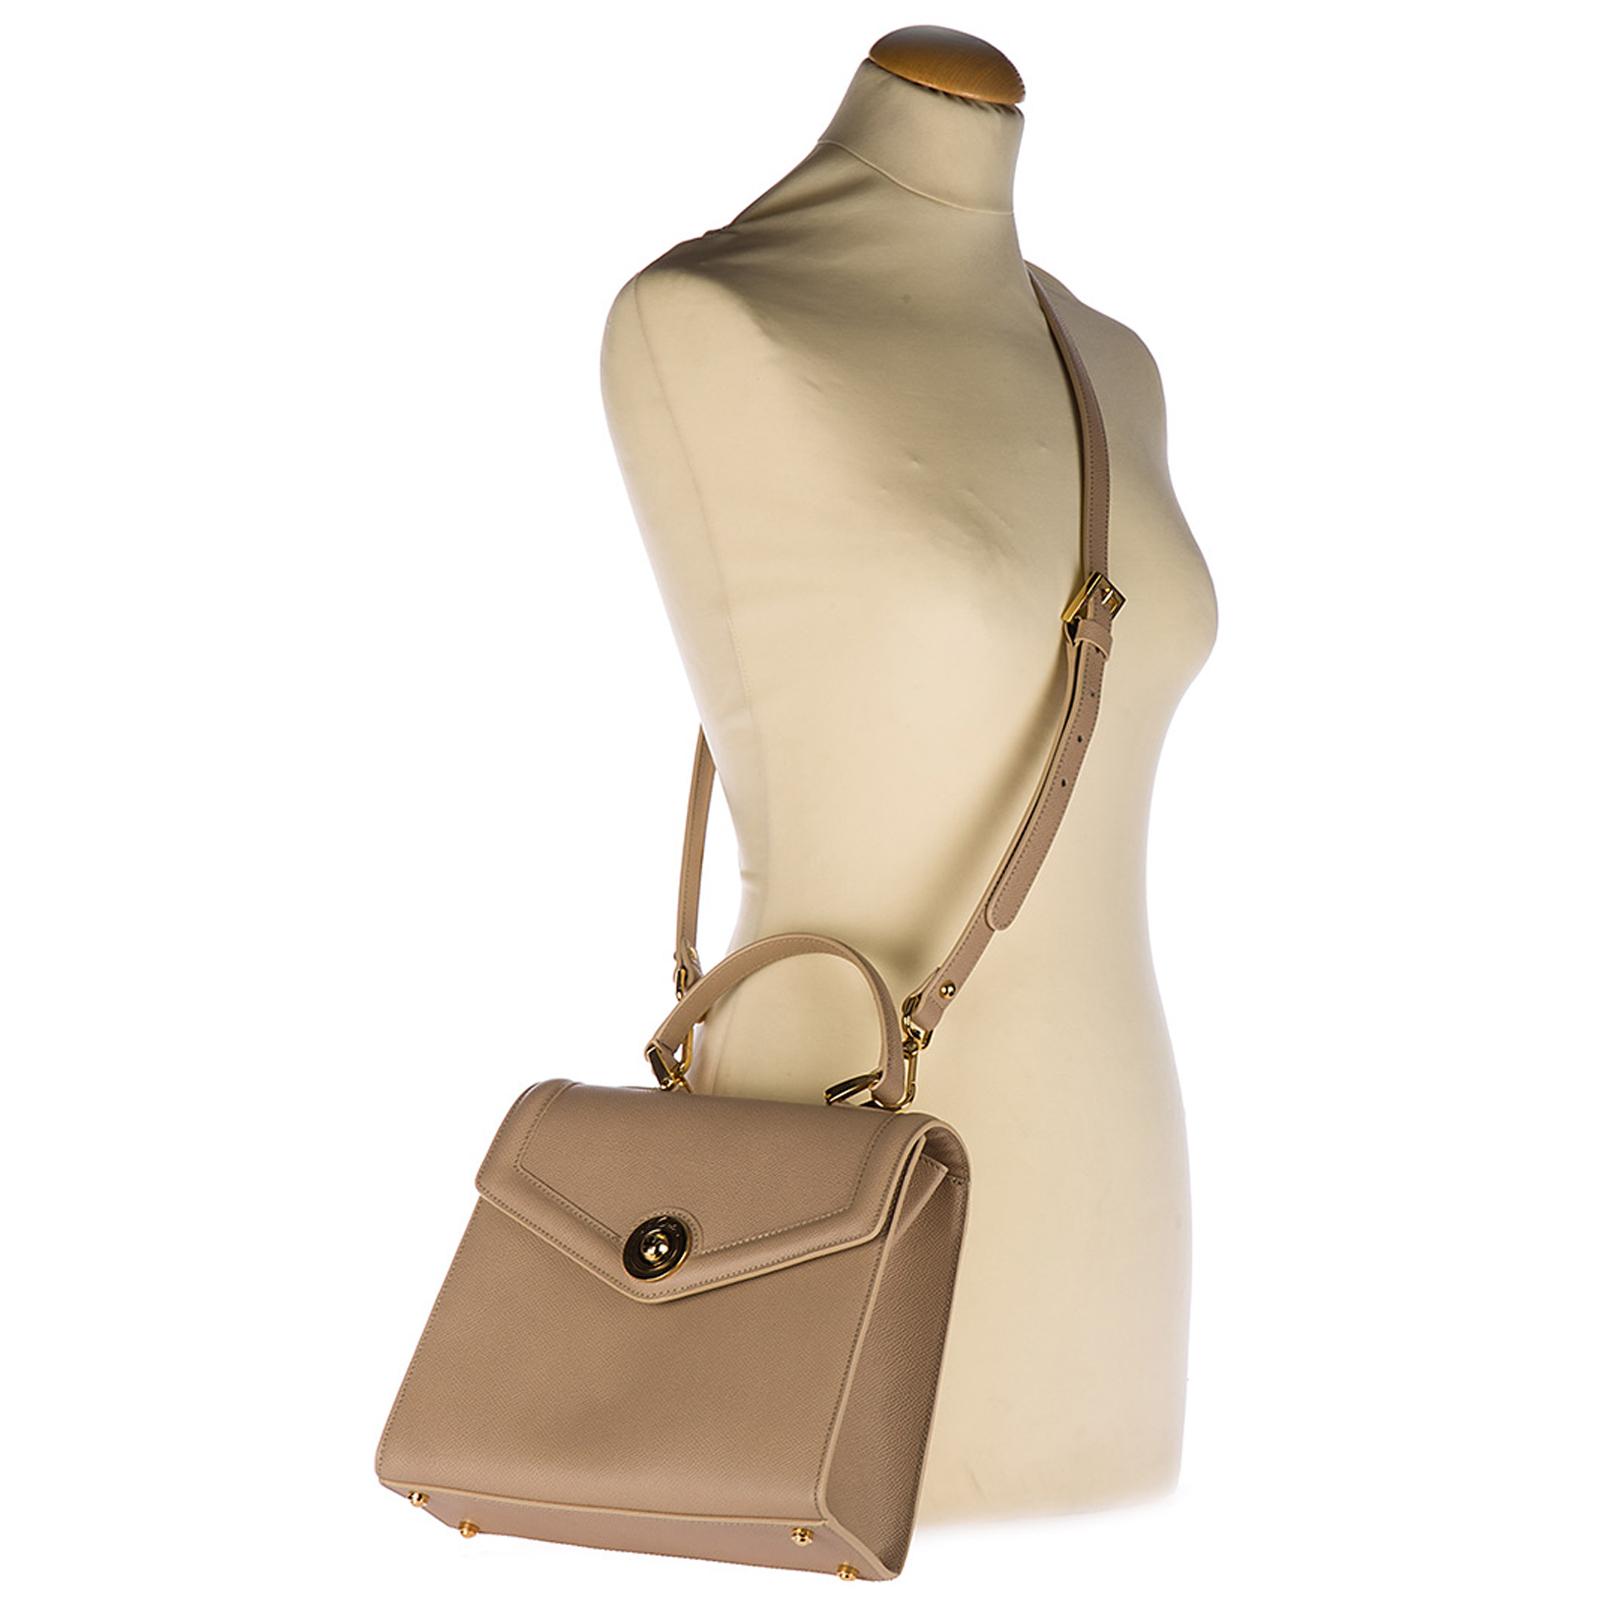 Bolso de mano para compras en piel mujer monaco